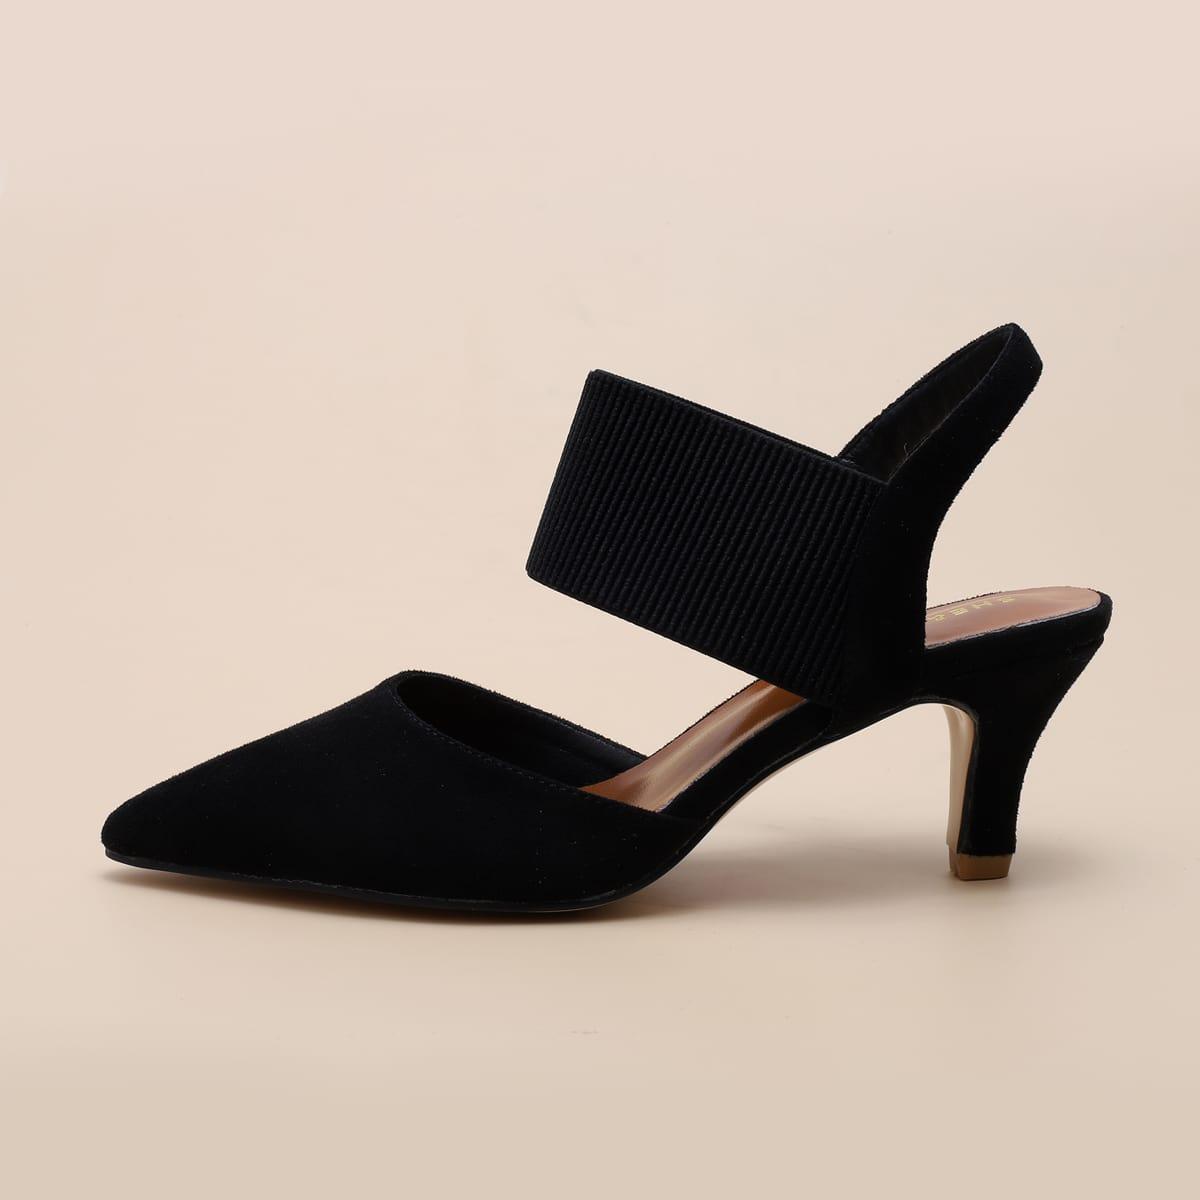 Остроконечные туфли на шпильках с ремешком